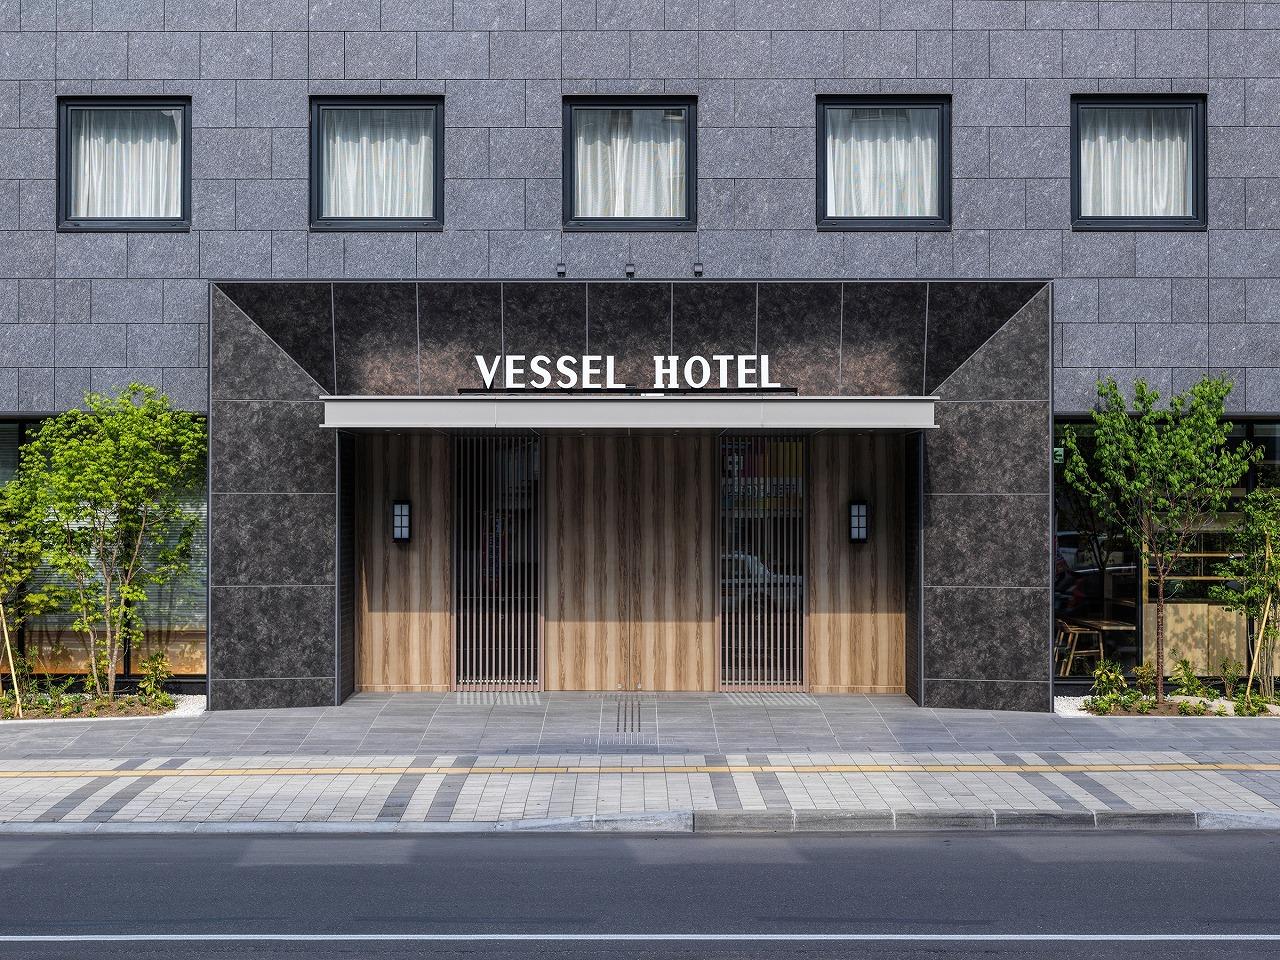 ベッセルホテルカンパーナすすきの スーパーレイトアウト19:00プラン【素泊まり】